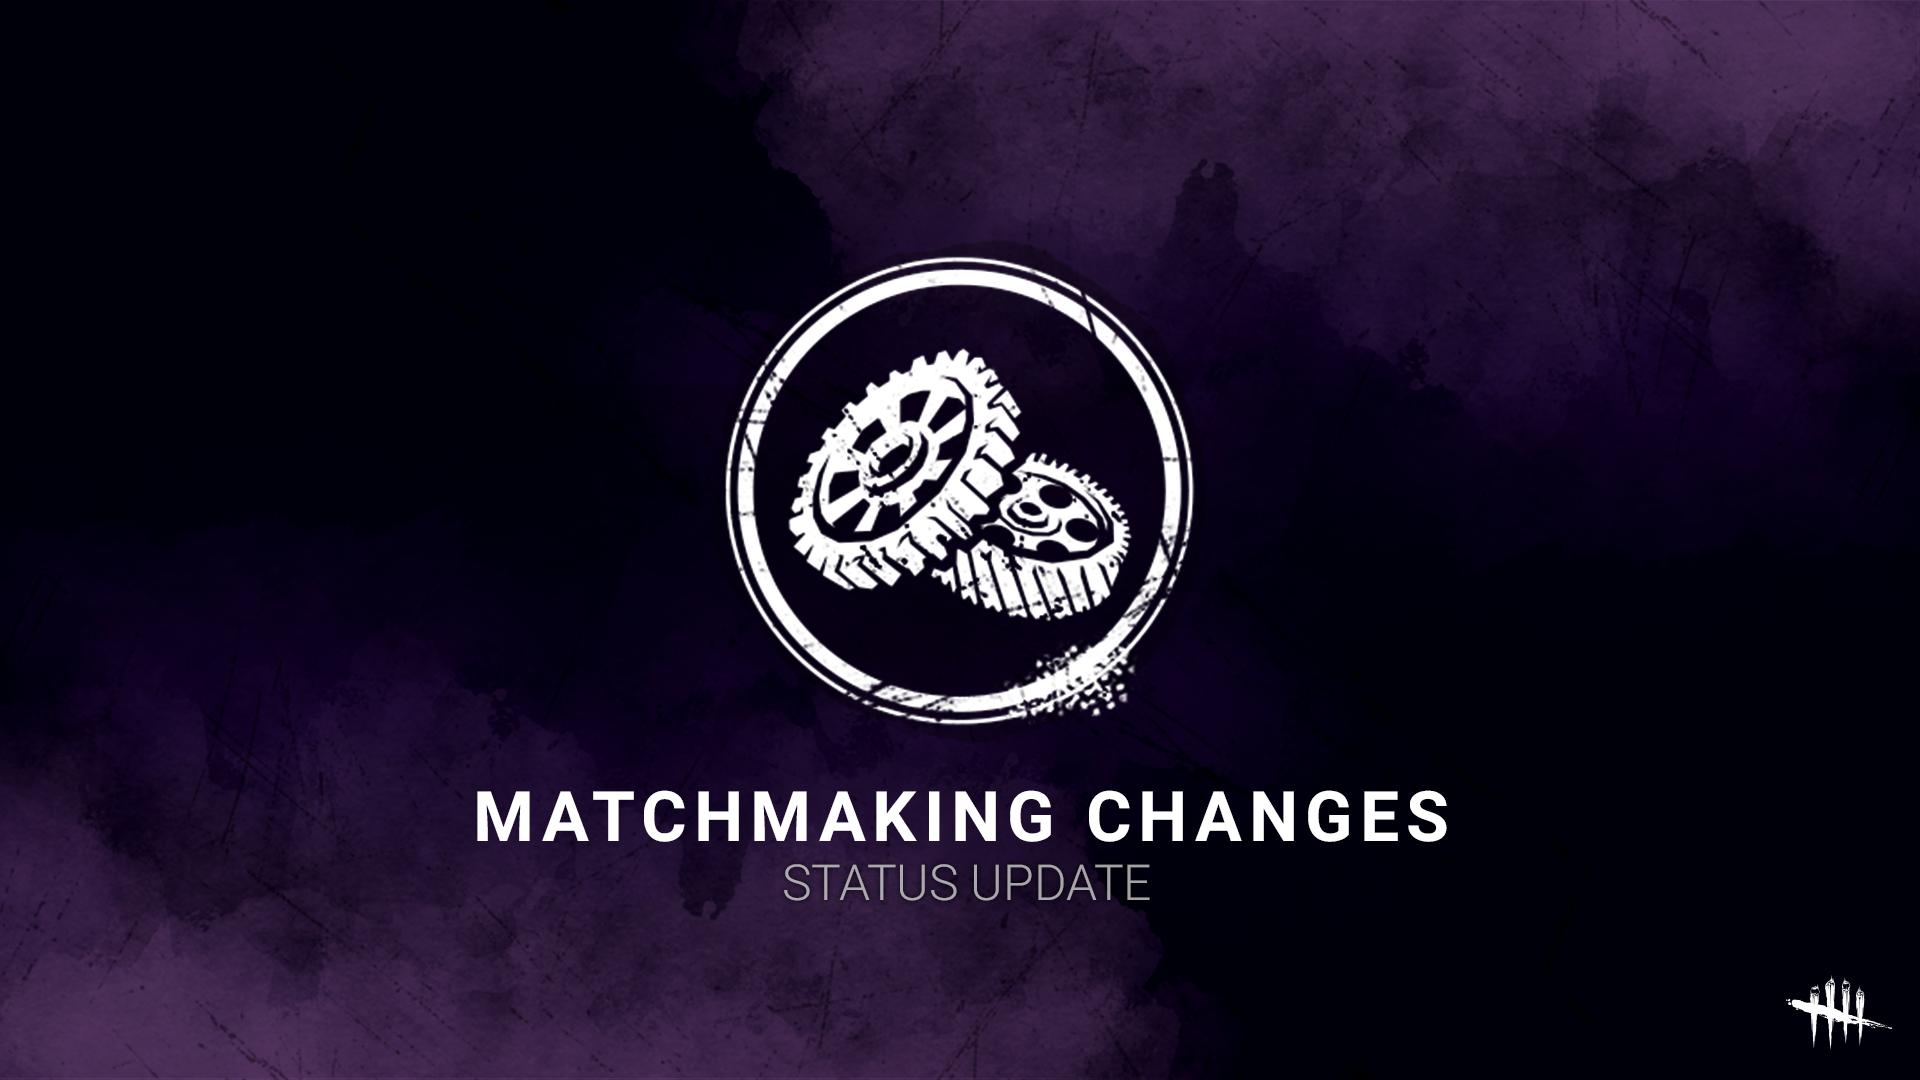 MatchmakingChangesStatusUpdate.png